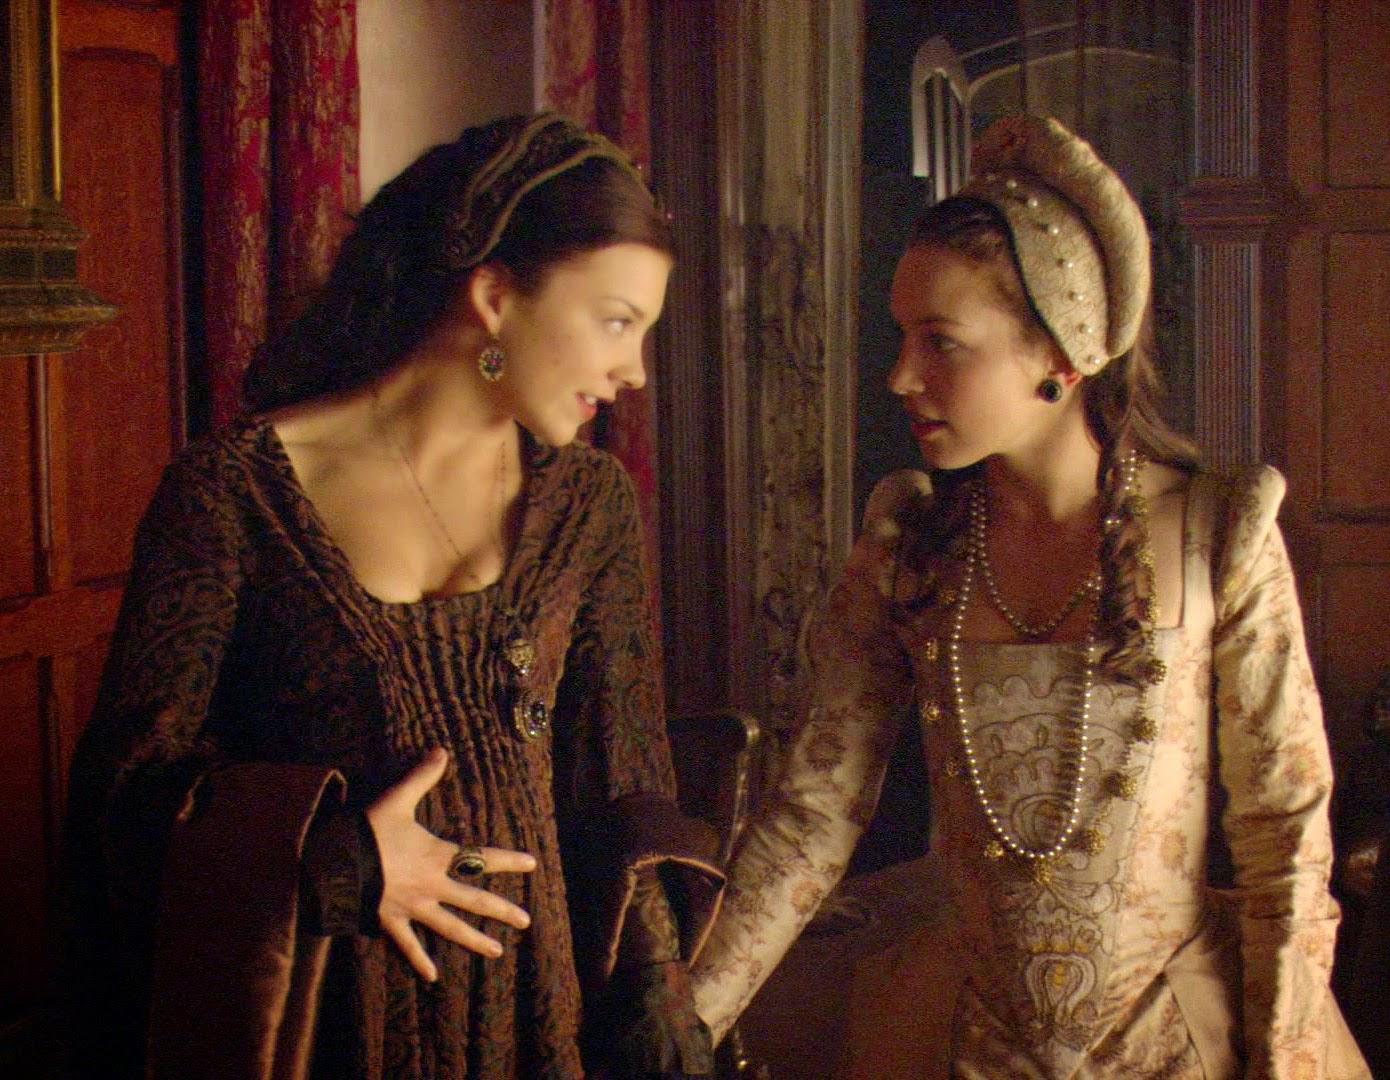 Anne Boleyn: A New Life of England's Tragic Queen: Joanna Photo of anne boleyn